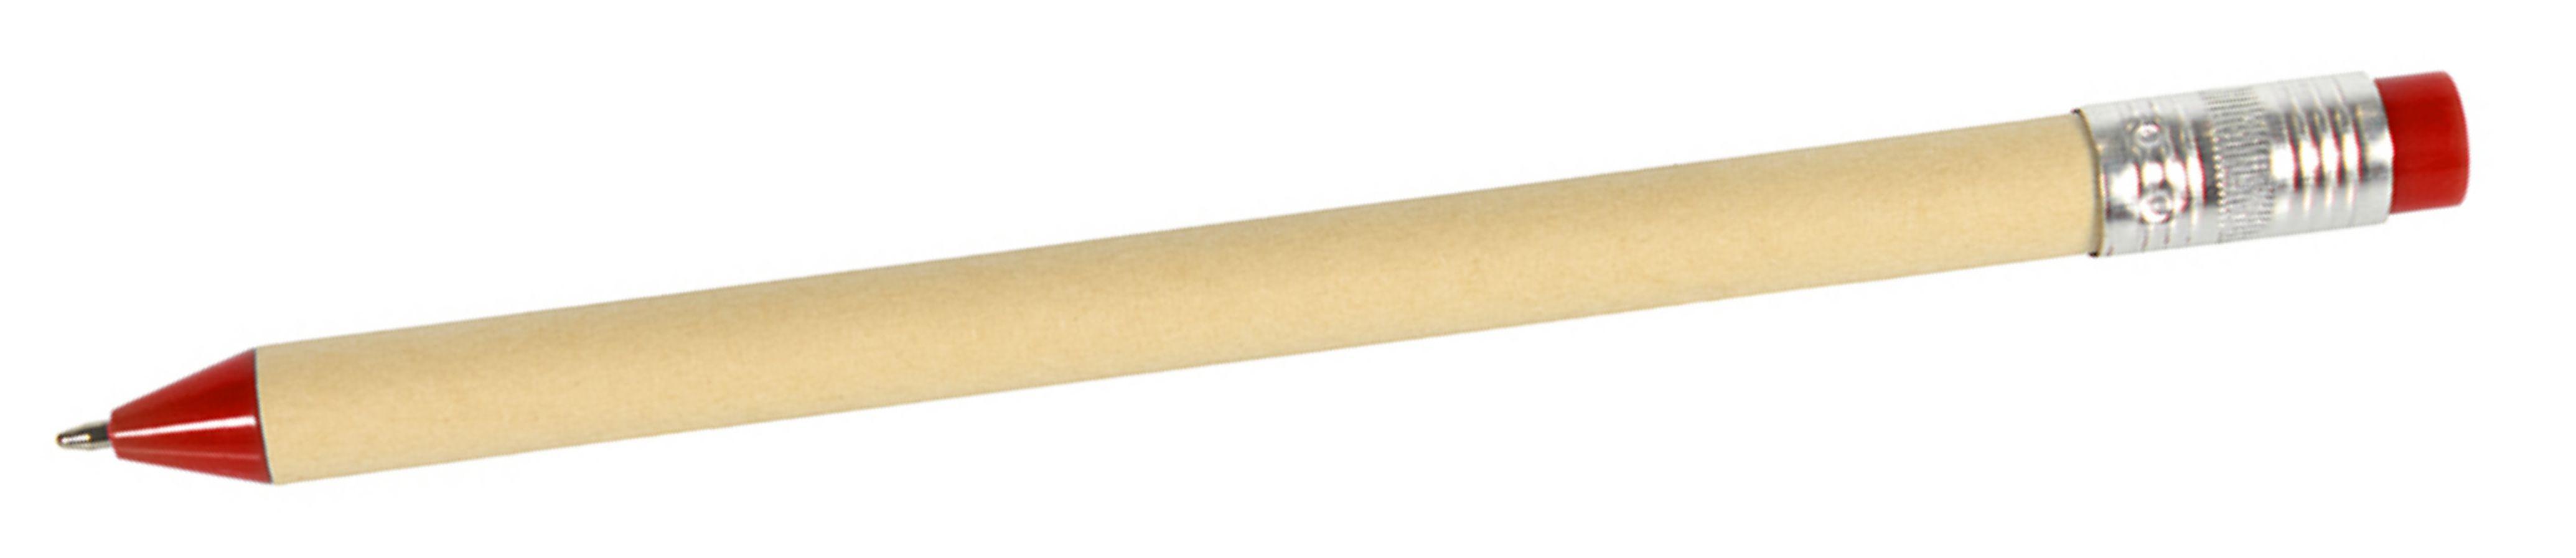 эко ручки с логотипом в новосибирске